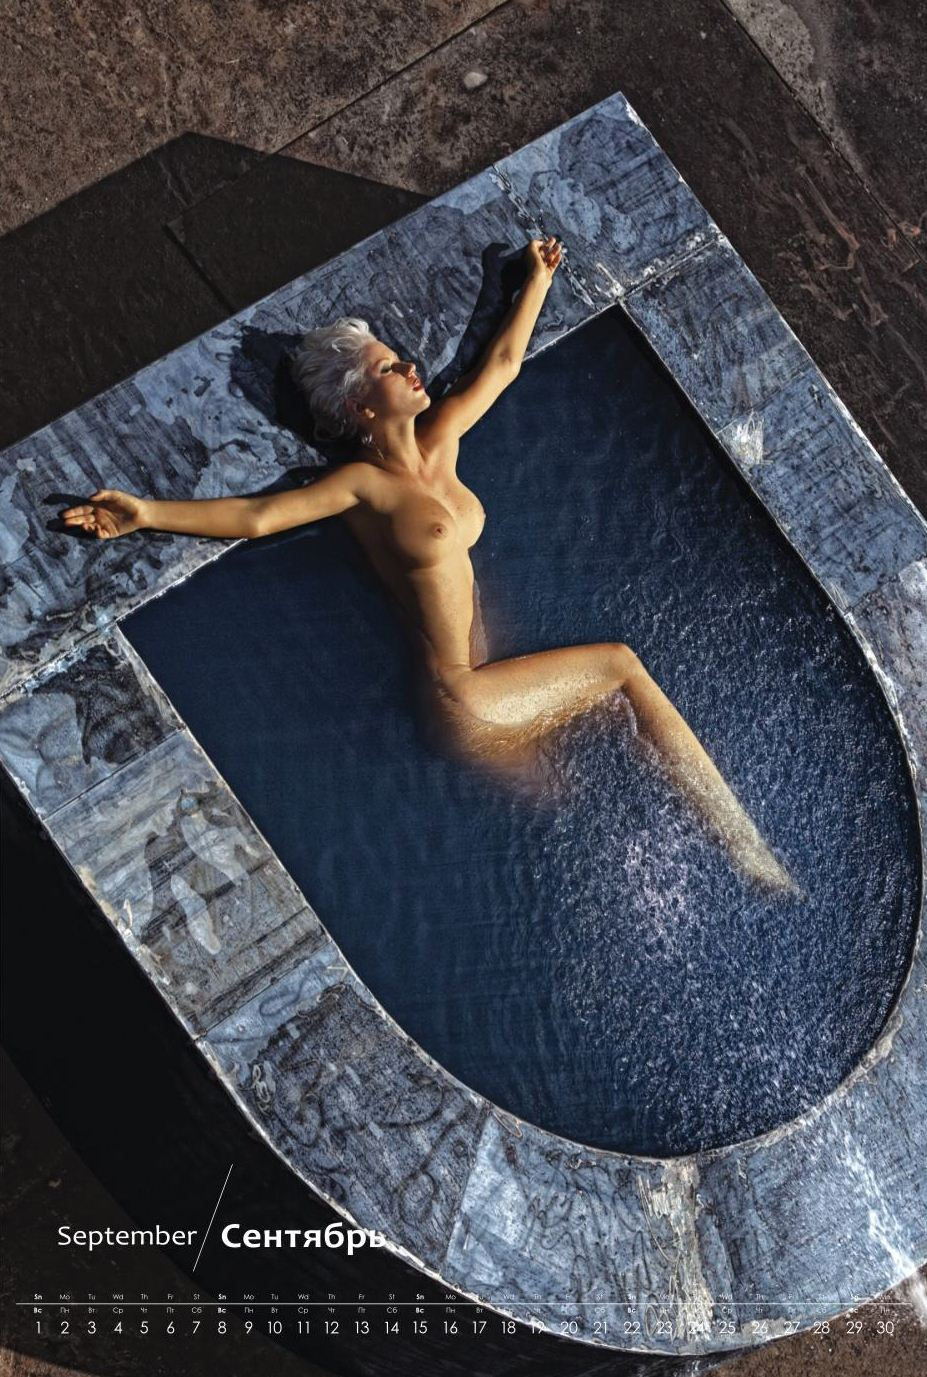 Эротический календарь судостроительного завода Краншип на 2013 год - сентябрь